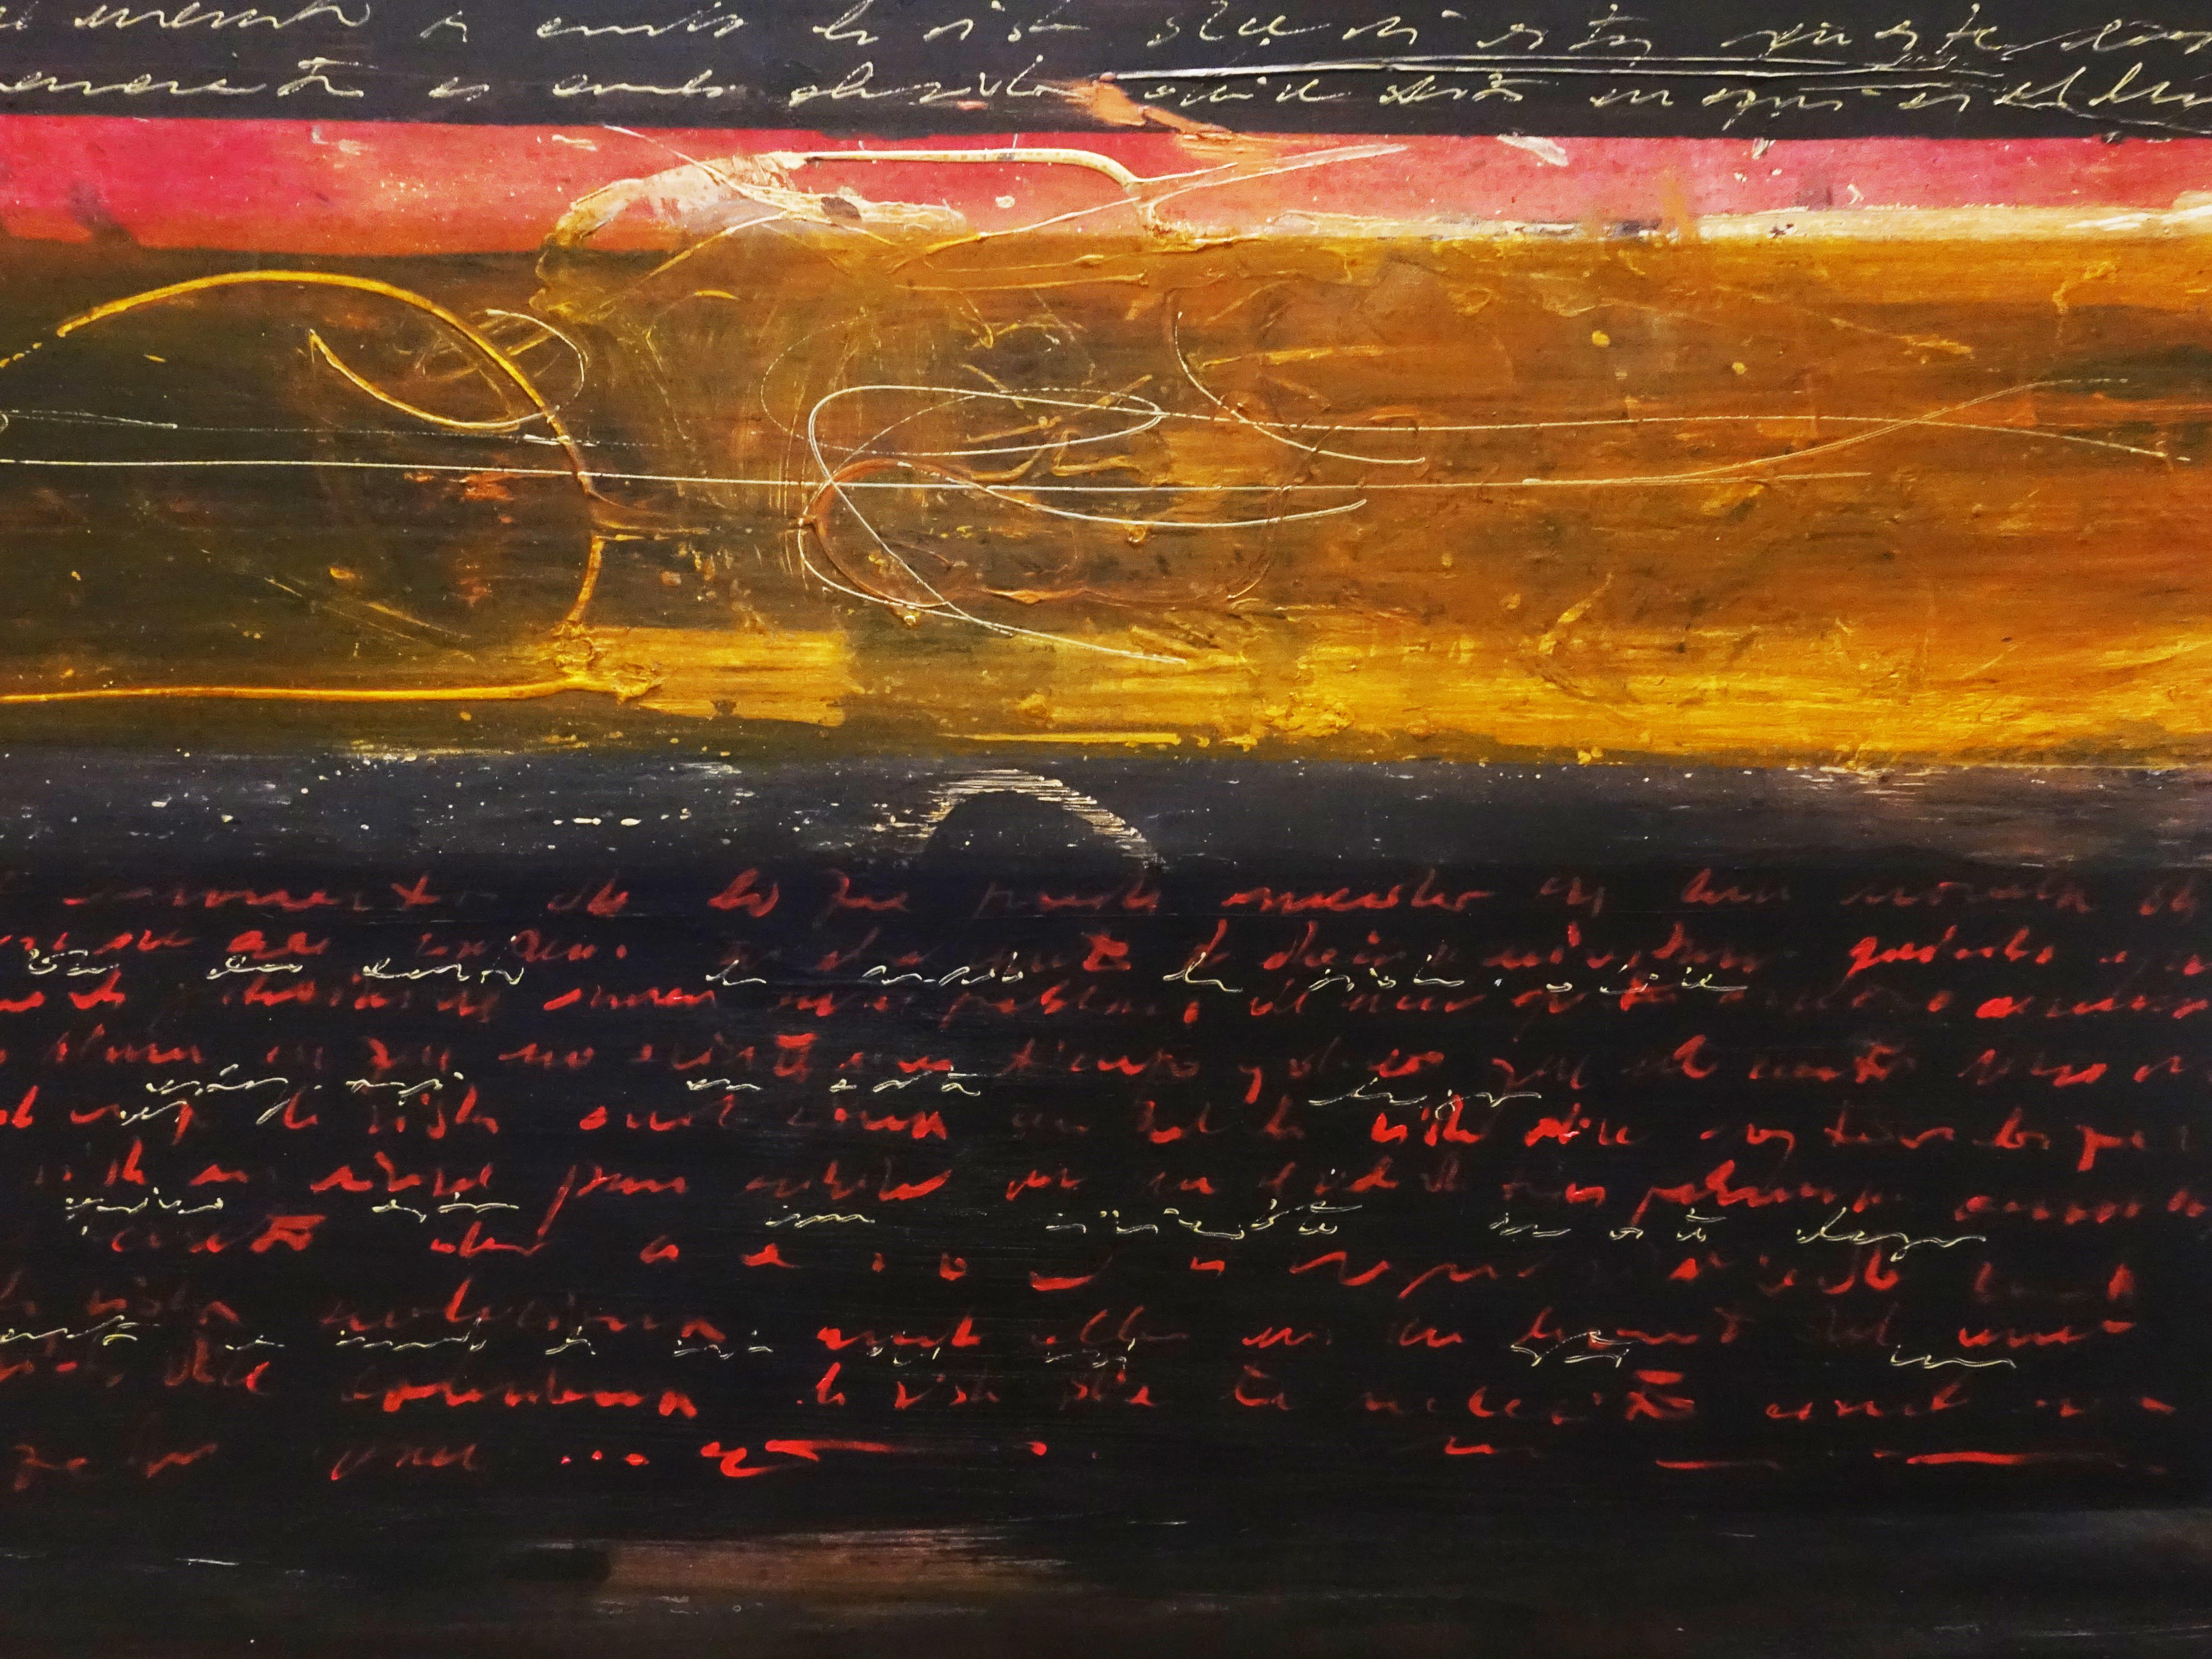 Víctor Ramírez,《Memoria del Desierto》細節,150x150 cm,Acrylic on Canvas,2008-2010。